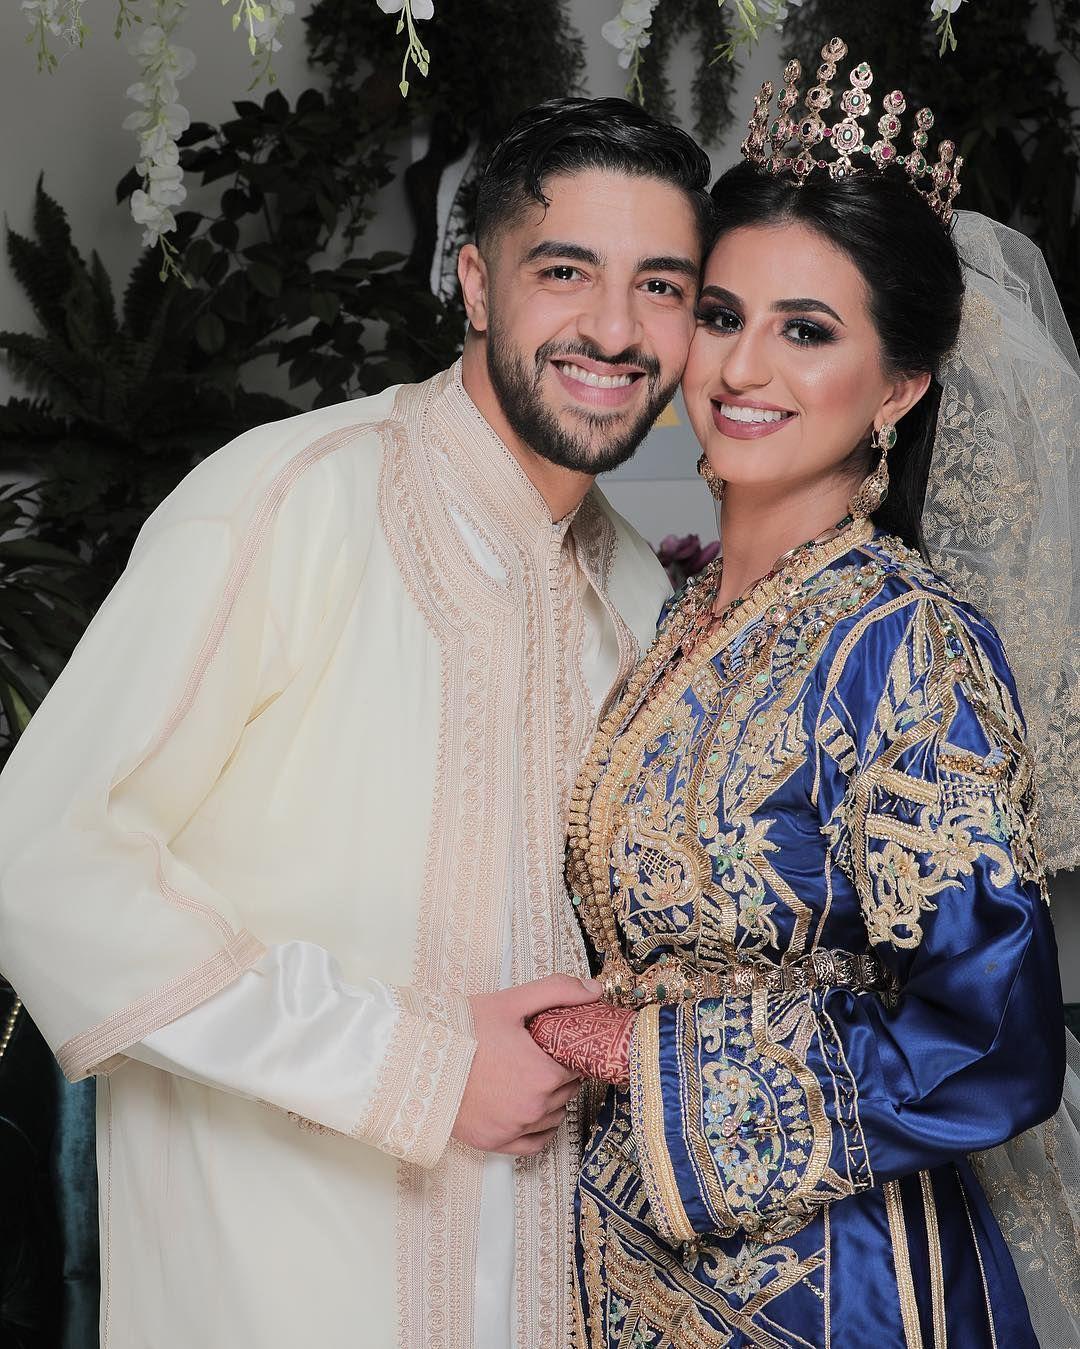 L Image Contient Peut Etre 2 Personnes Personnes Debout Mariee Marocaine Mariage Marocain Mariage